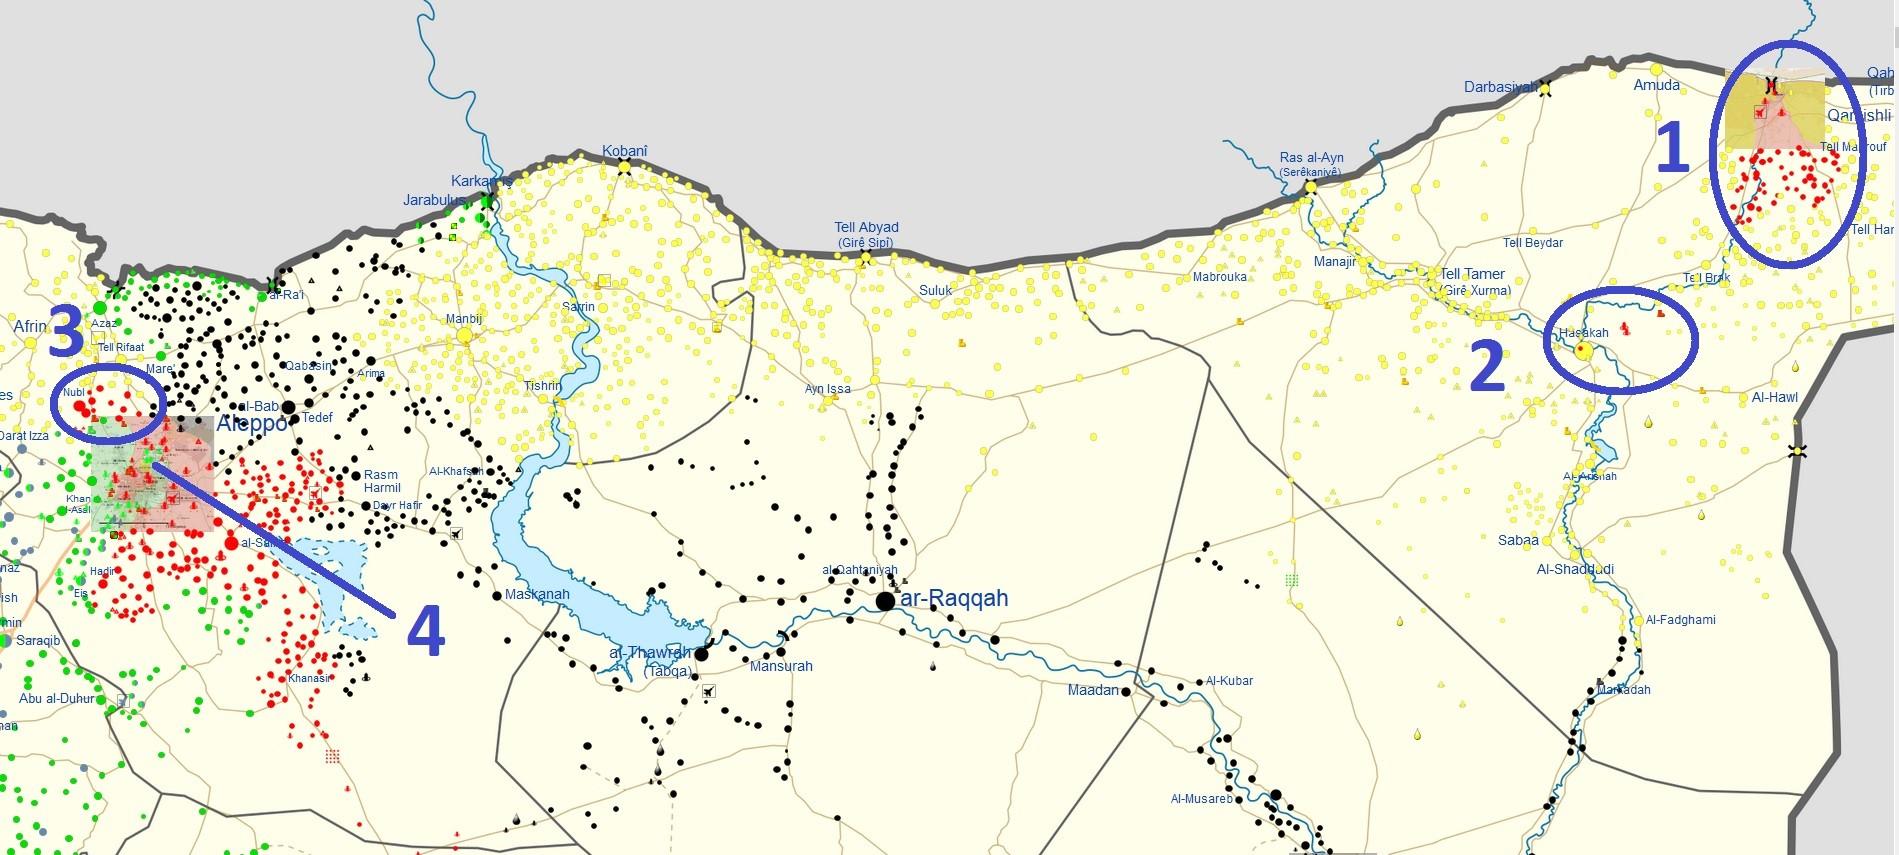 Qamishli region (1), Hasakah region (2), Aleppo countryside/Canton Afrin (3), Western Aleppo city/Sheikh Maqsood (4).